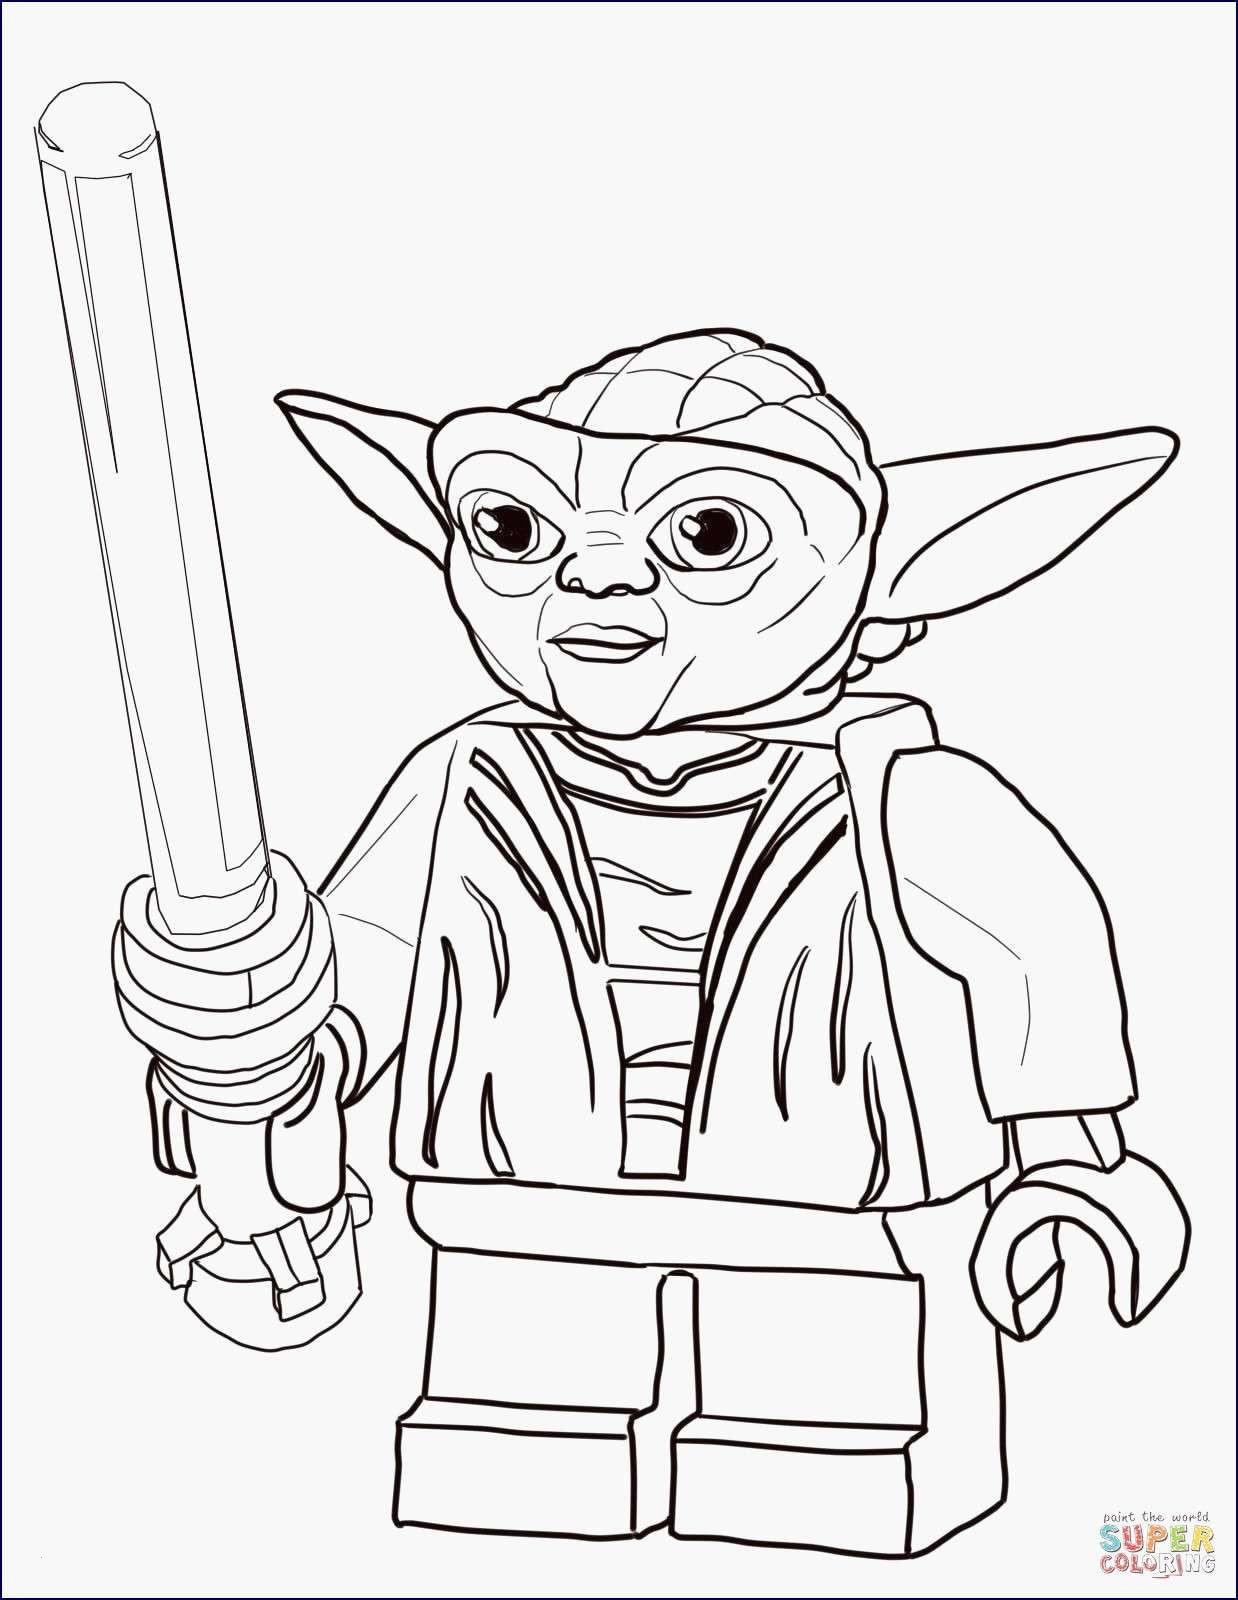 Star Wars Ausmalbilder Yoda Inspirierend 40 Ausmalbilder Lloyd Scoredatscore Schön Gratis Ausmalbilder Star Fotografieren